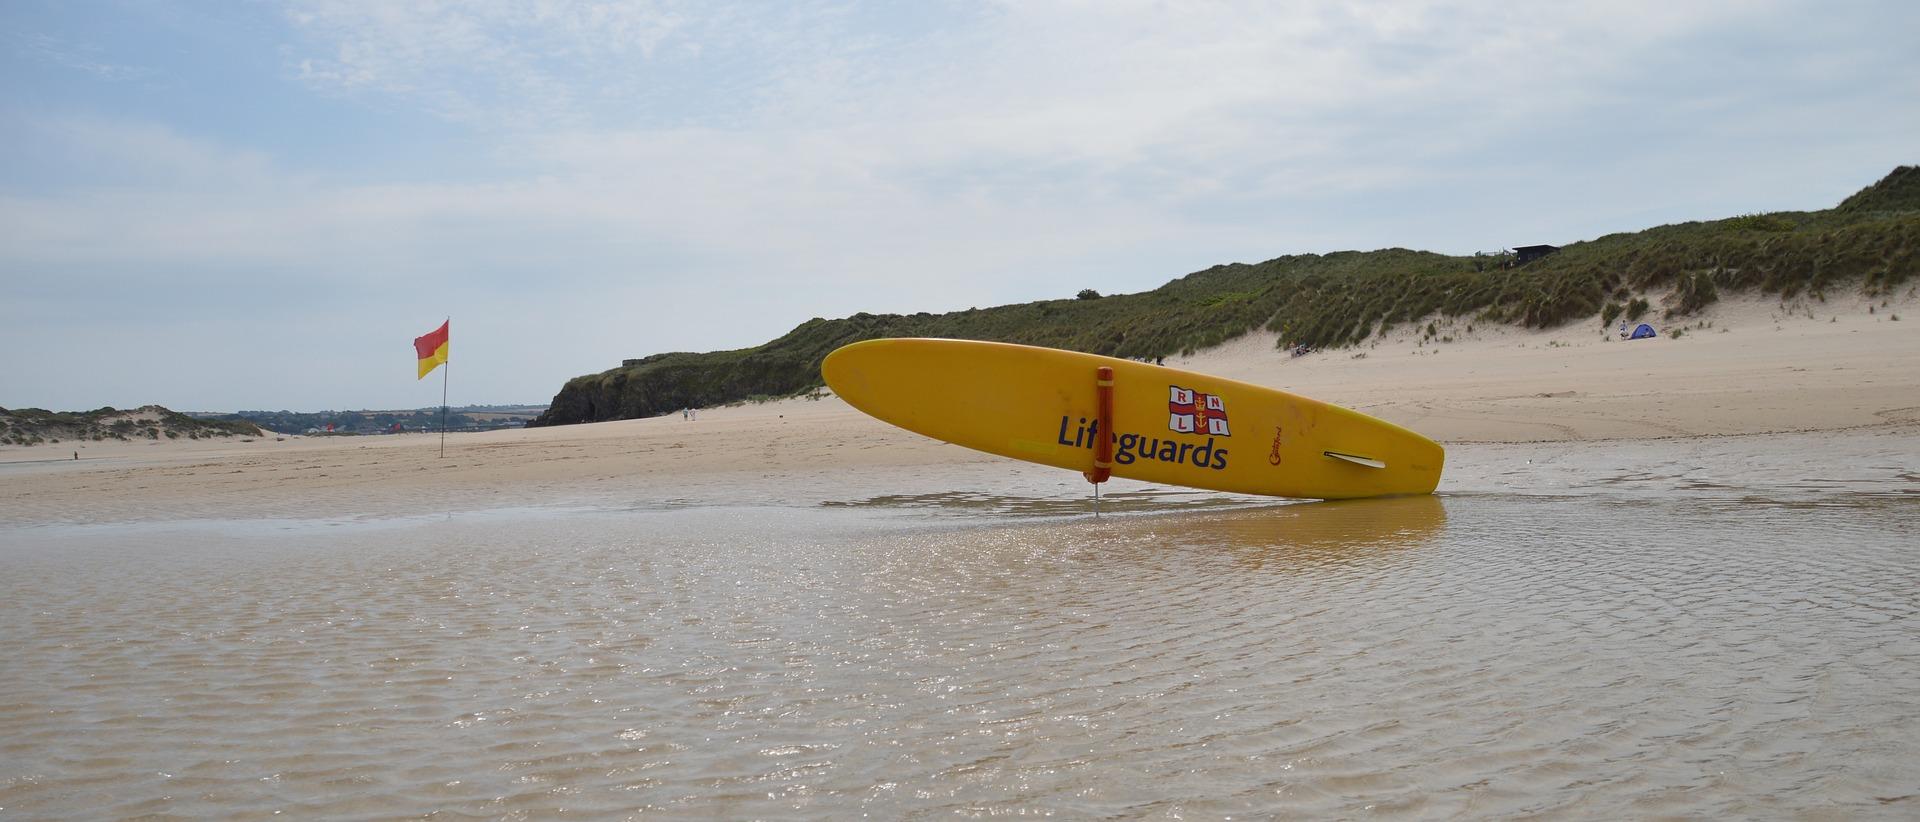 rescue board on the beach